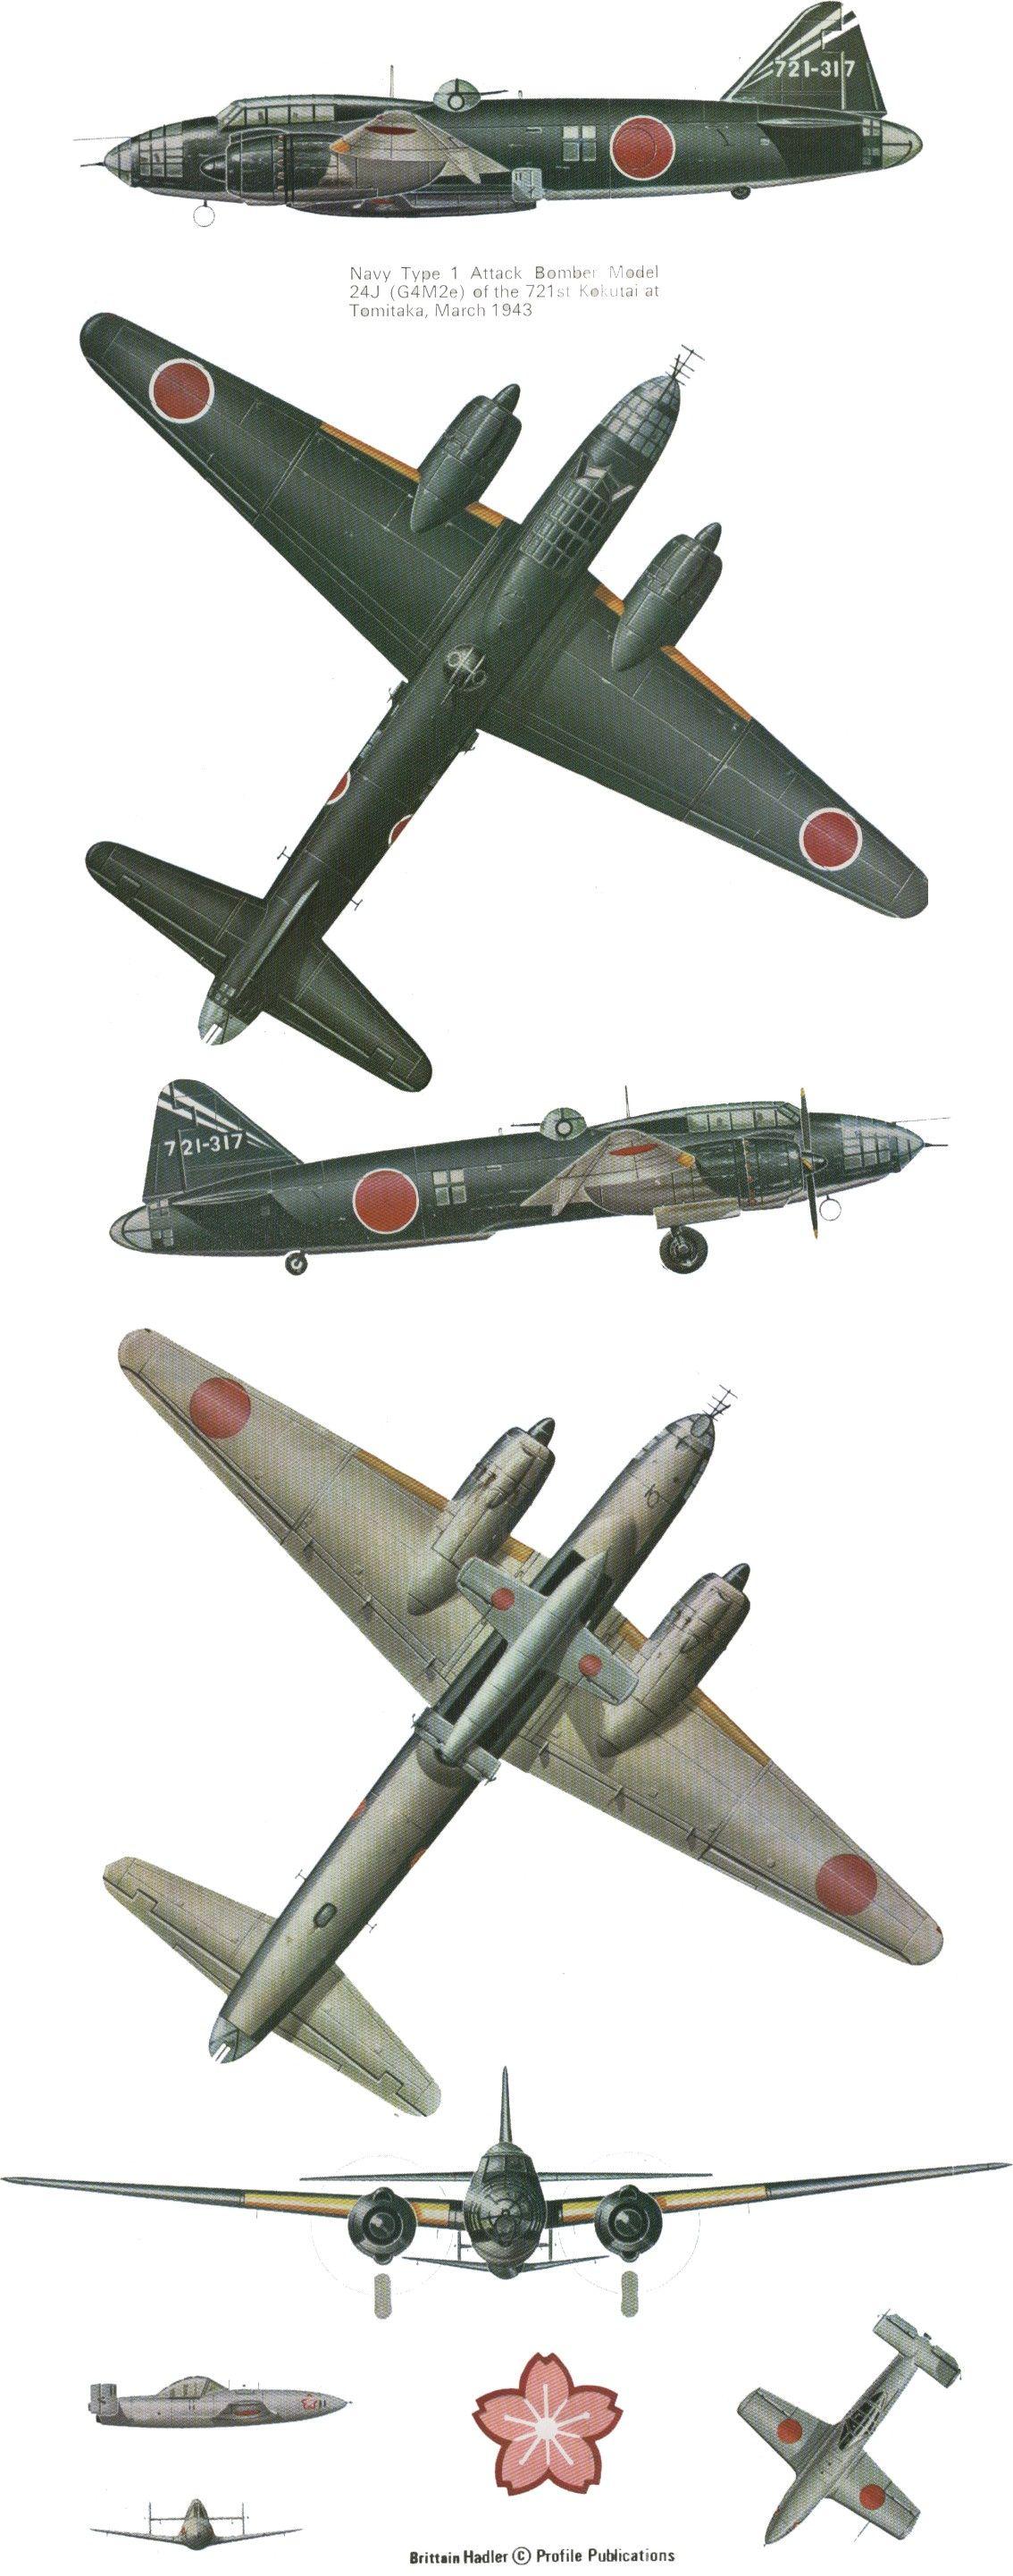 g4m betty Mitsubishi G4M/G6M Betty | Japan | Kougeki 711th Hikotai, 721st Kokutai  'Jinrai